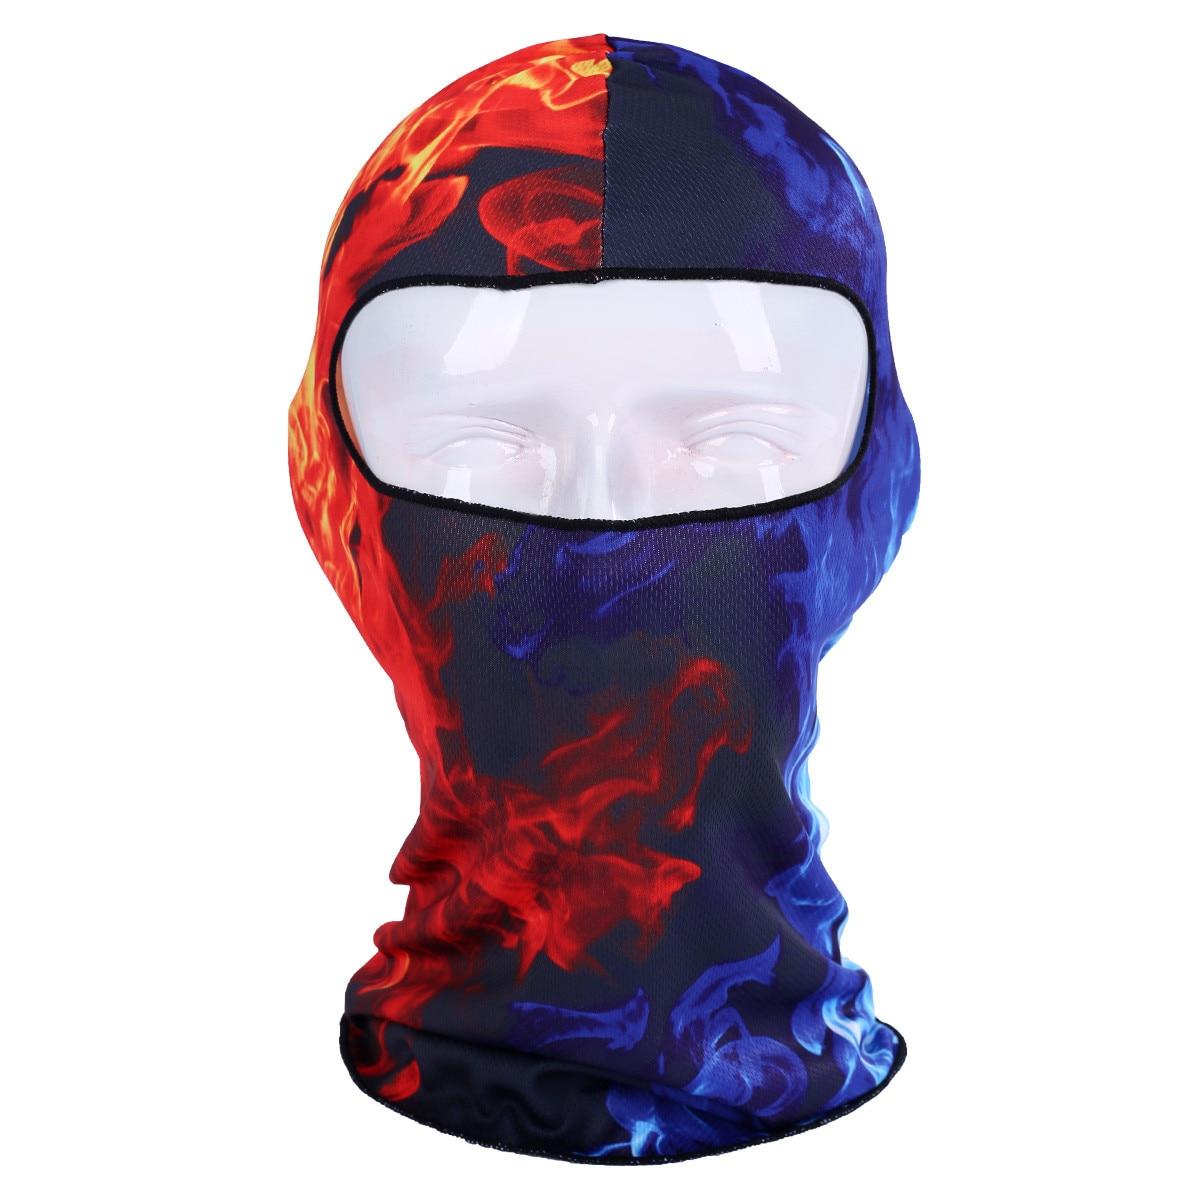 Masque Ski hiver masques faciaux mince 3D extérieur cyclisme Ski cagoule cou capuche Masque complet chapeau bonnet Animal Zimowa maska